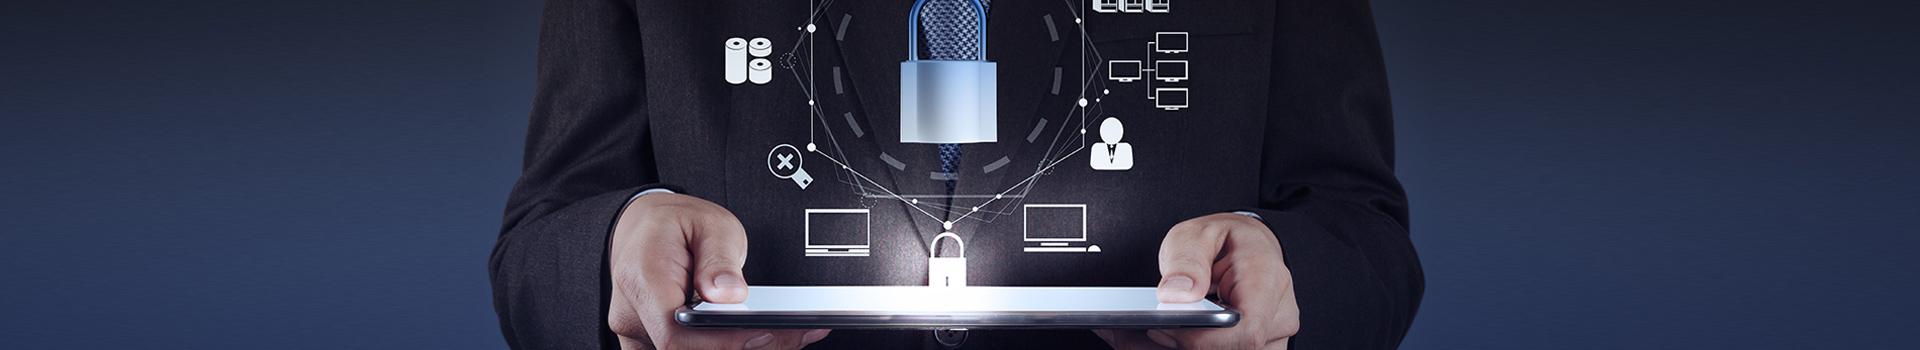 IT-Security en de overheid – Een uitdaging op alle niveaus